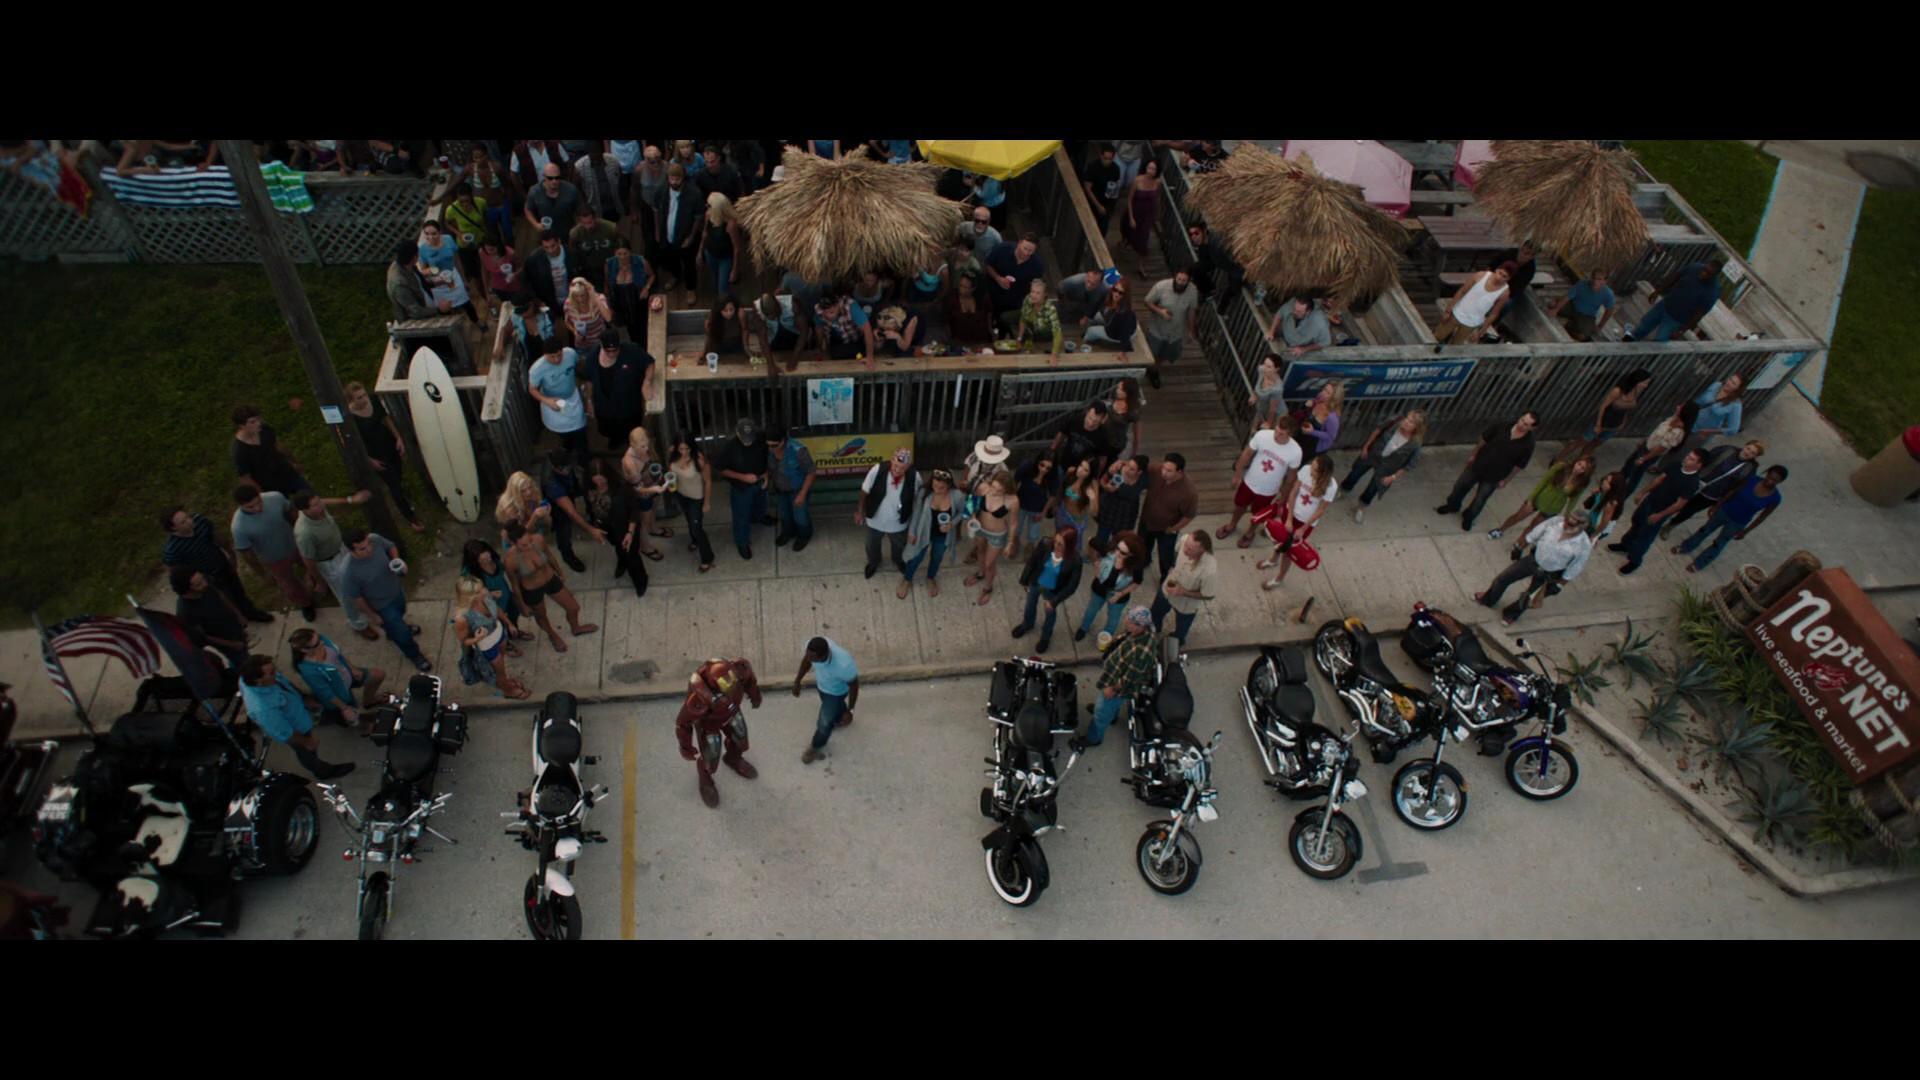 Descargar Iron Man 4 A2zp30: Iron Man 3, BDRip-1080p, Español Latino 5.1, 2013